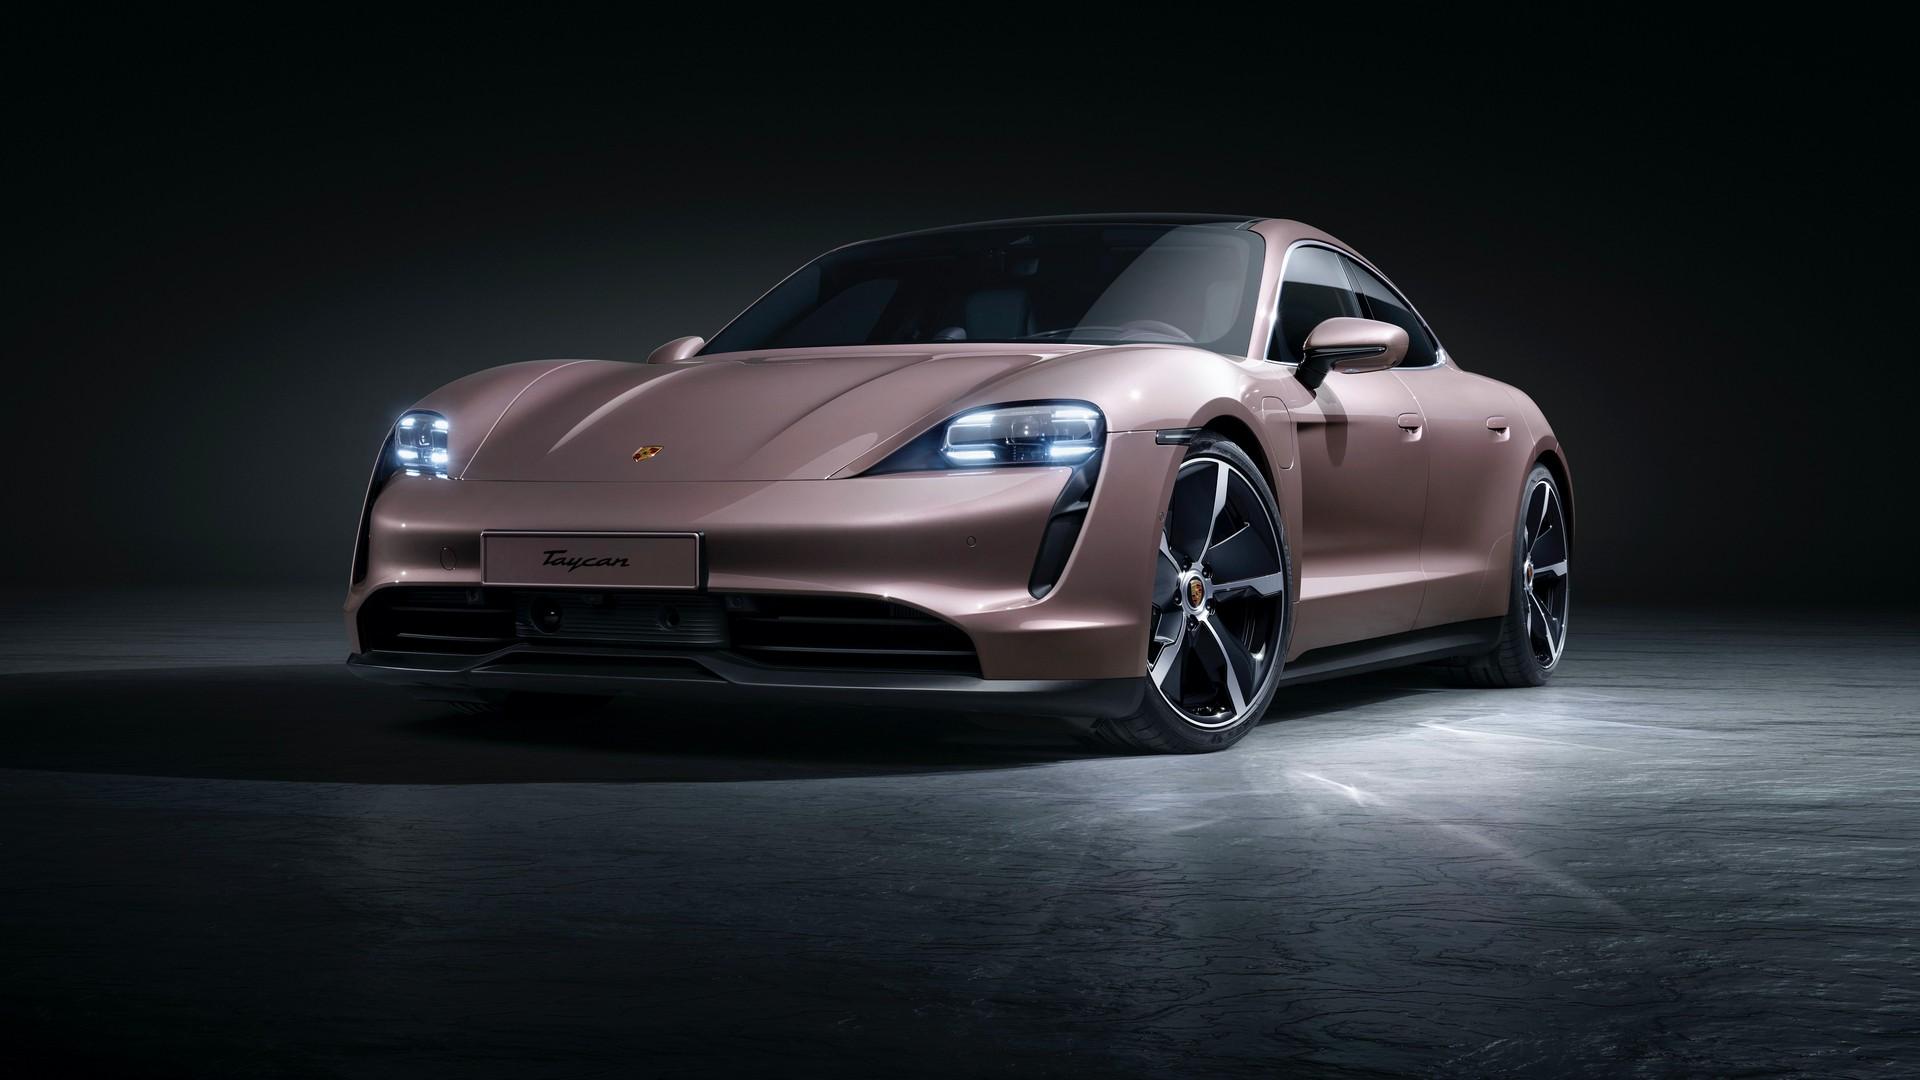 Porsche'den Taycan'a baz versiyon